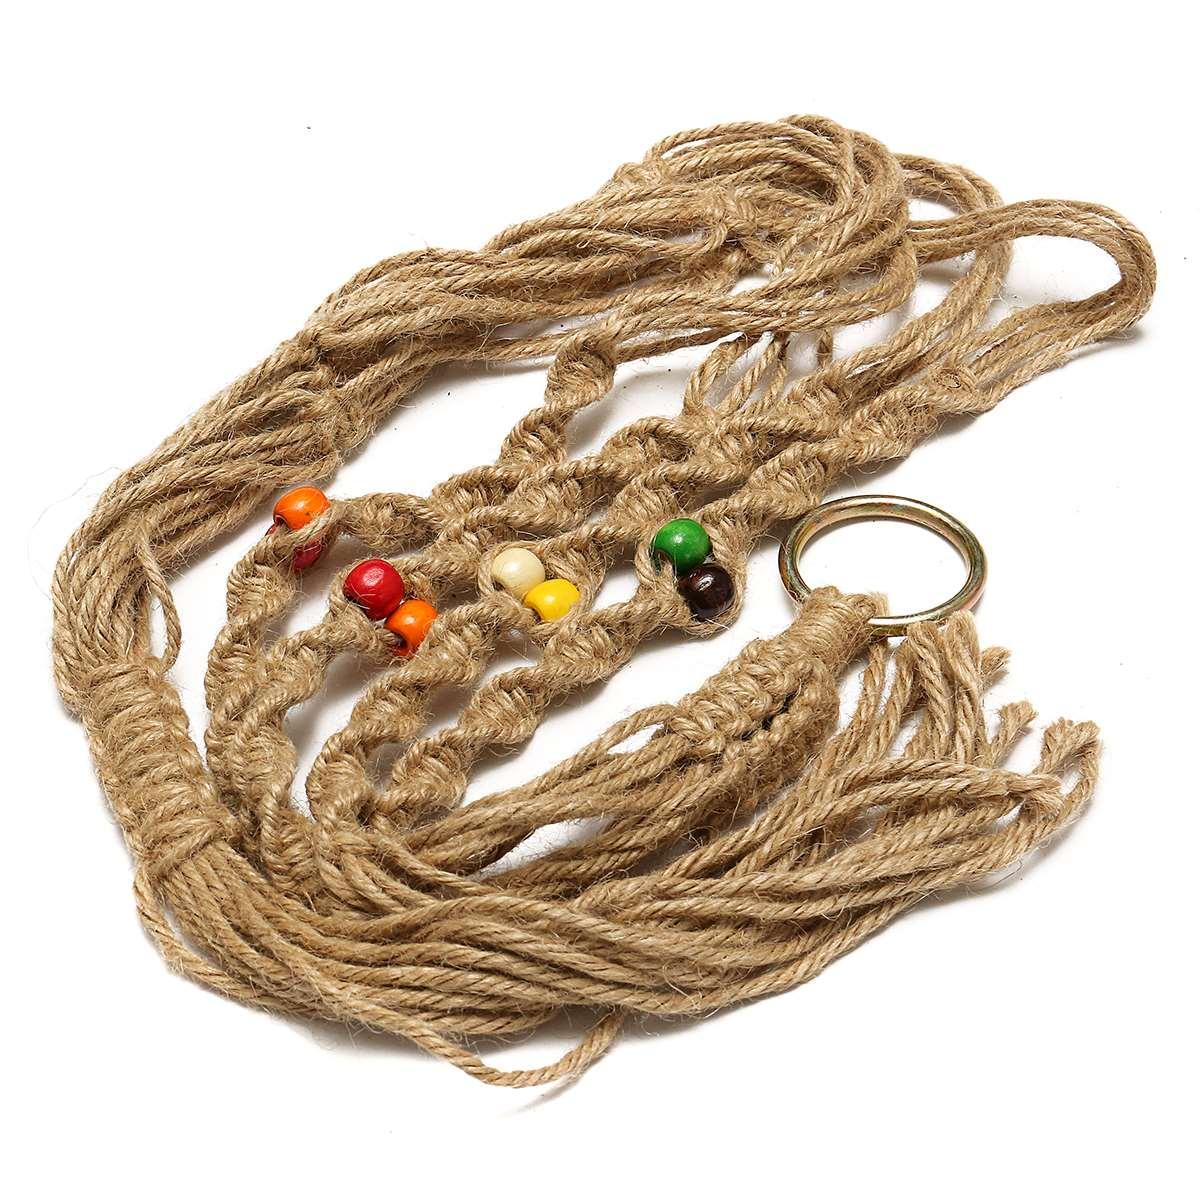 Bloempot Houder String Opknoping Touw Mand Vintage Macrame Planten